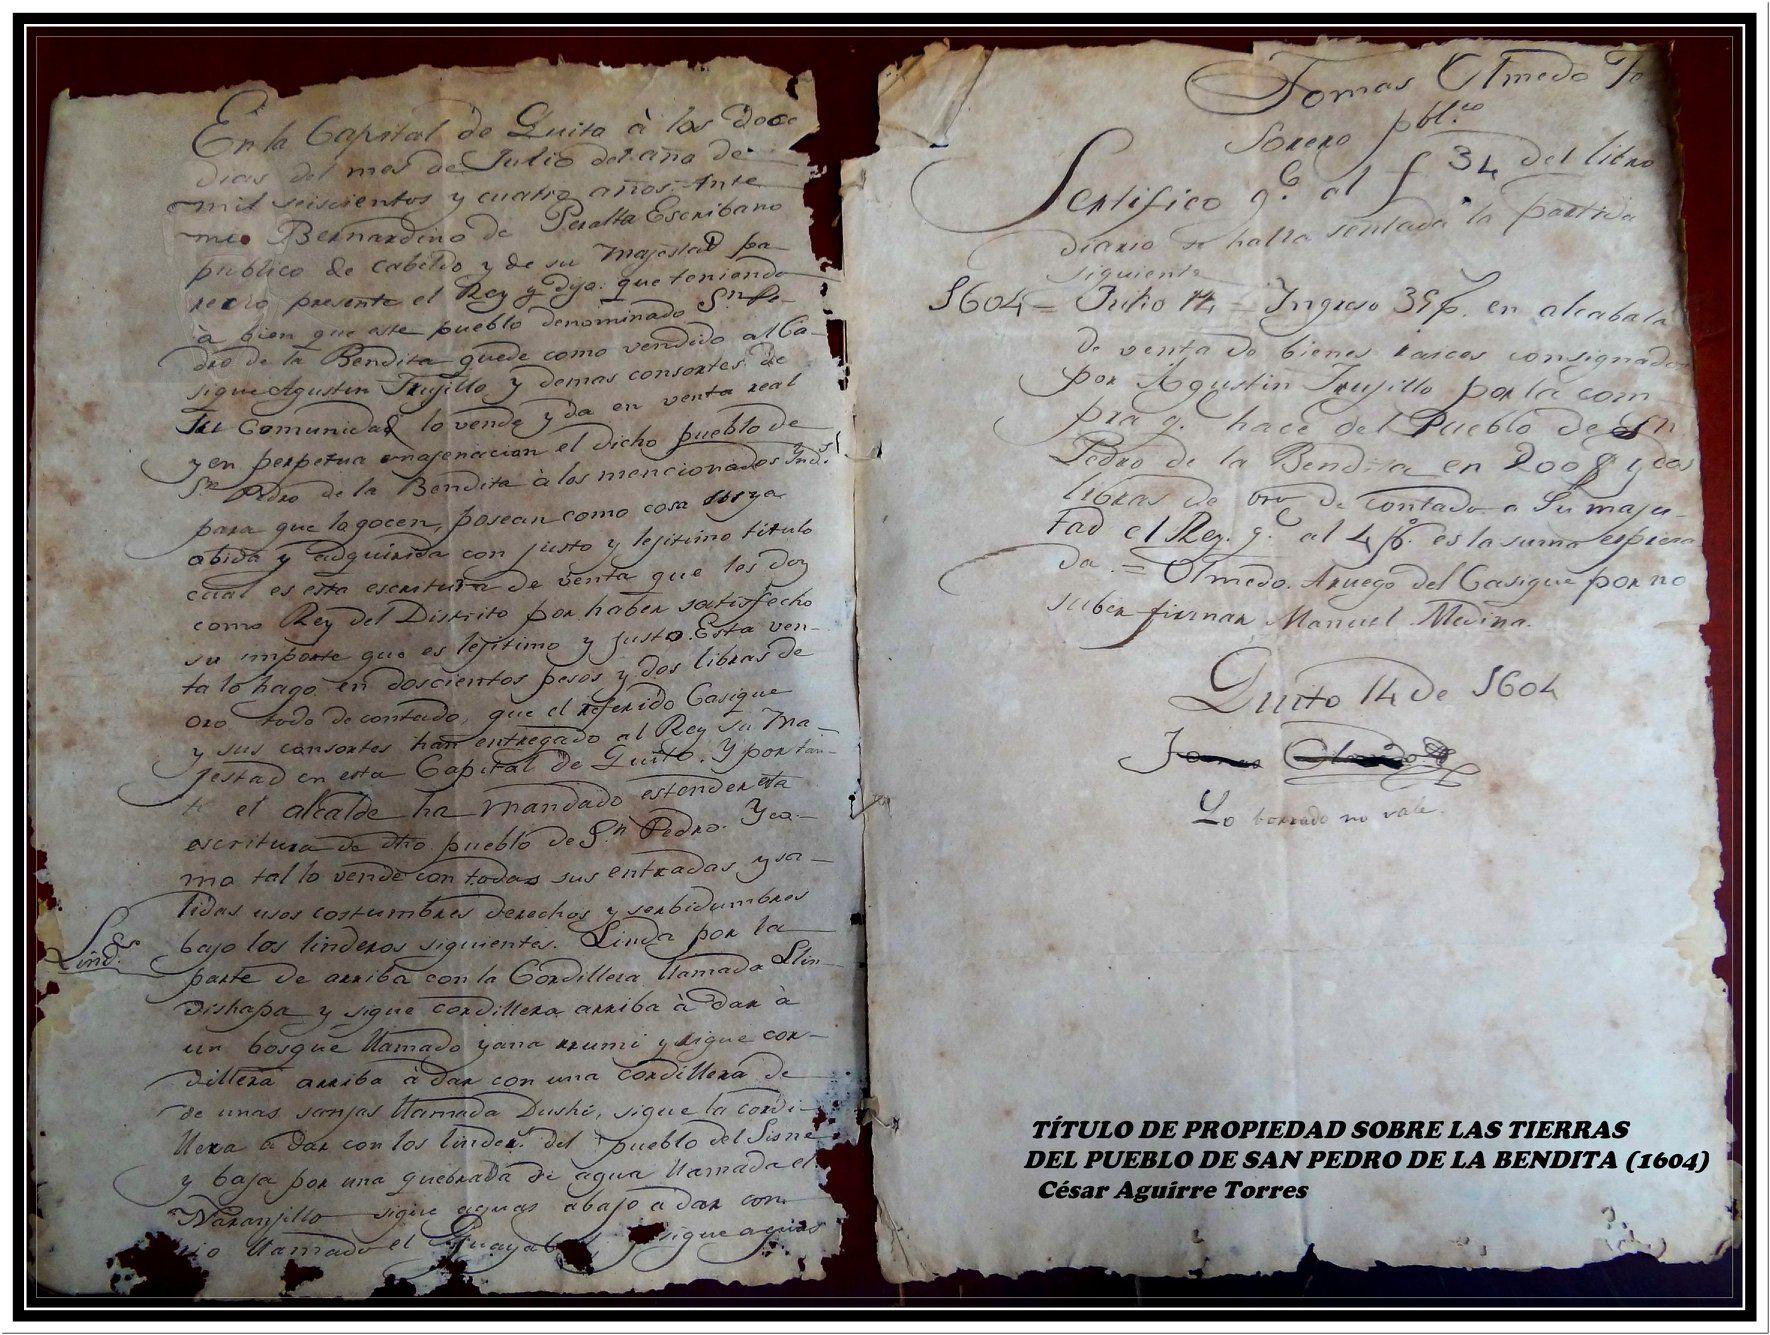 Rescatando un pasado olvidado: San Pedro de la Bendita